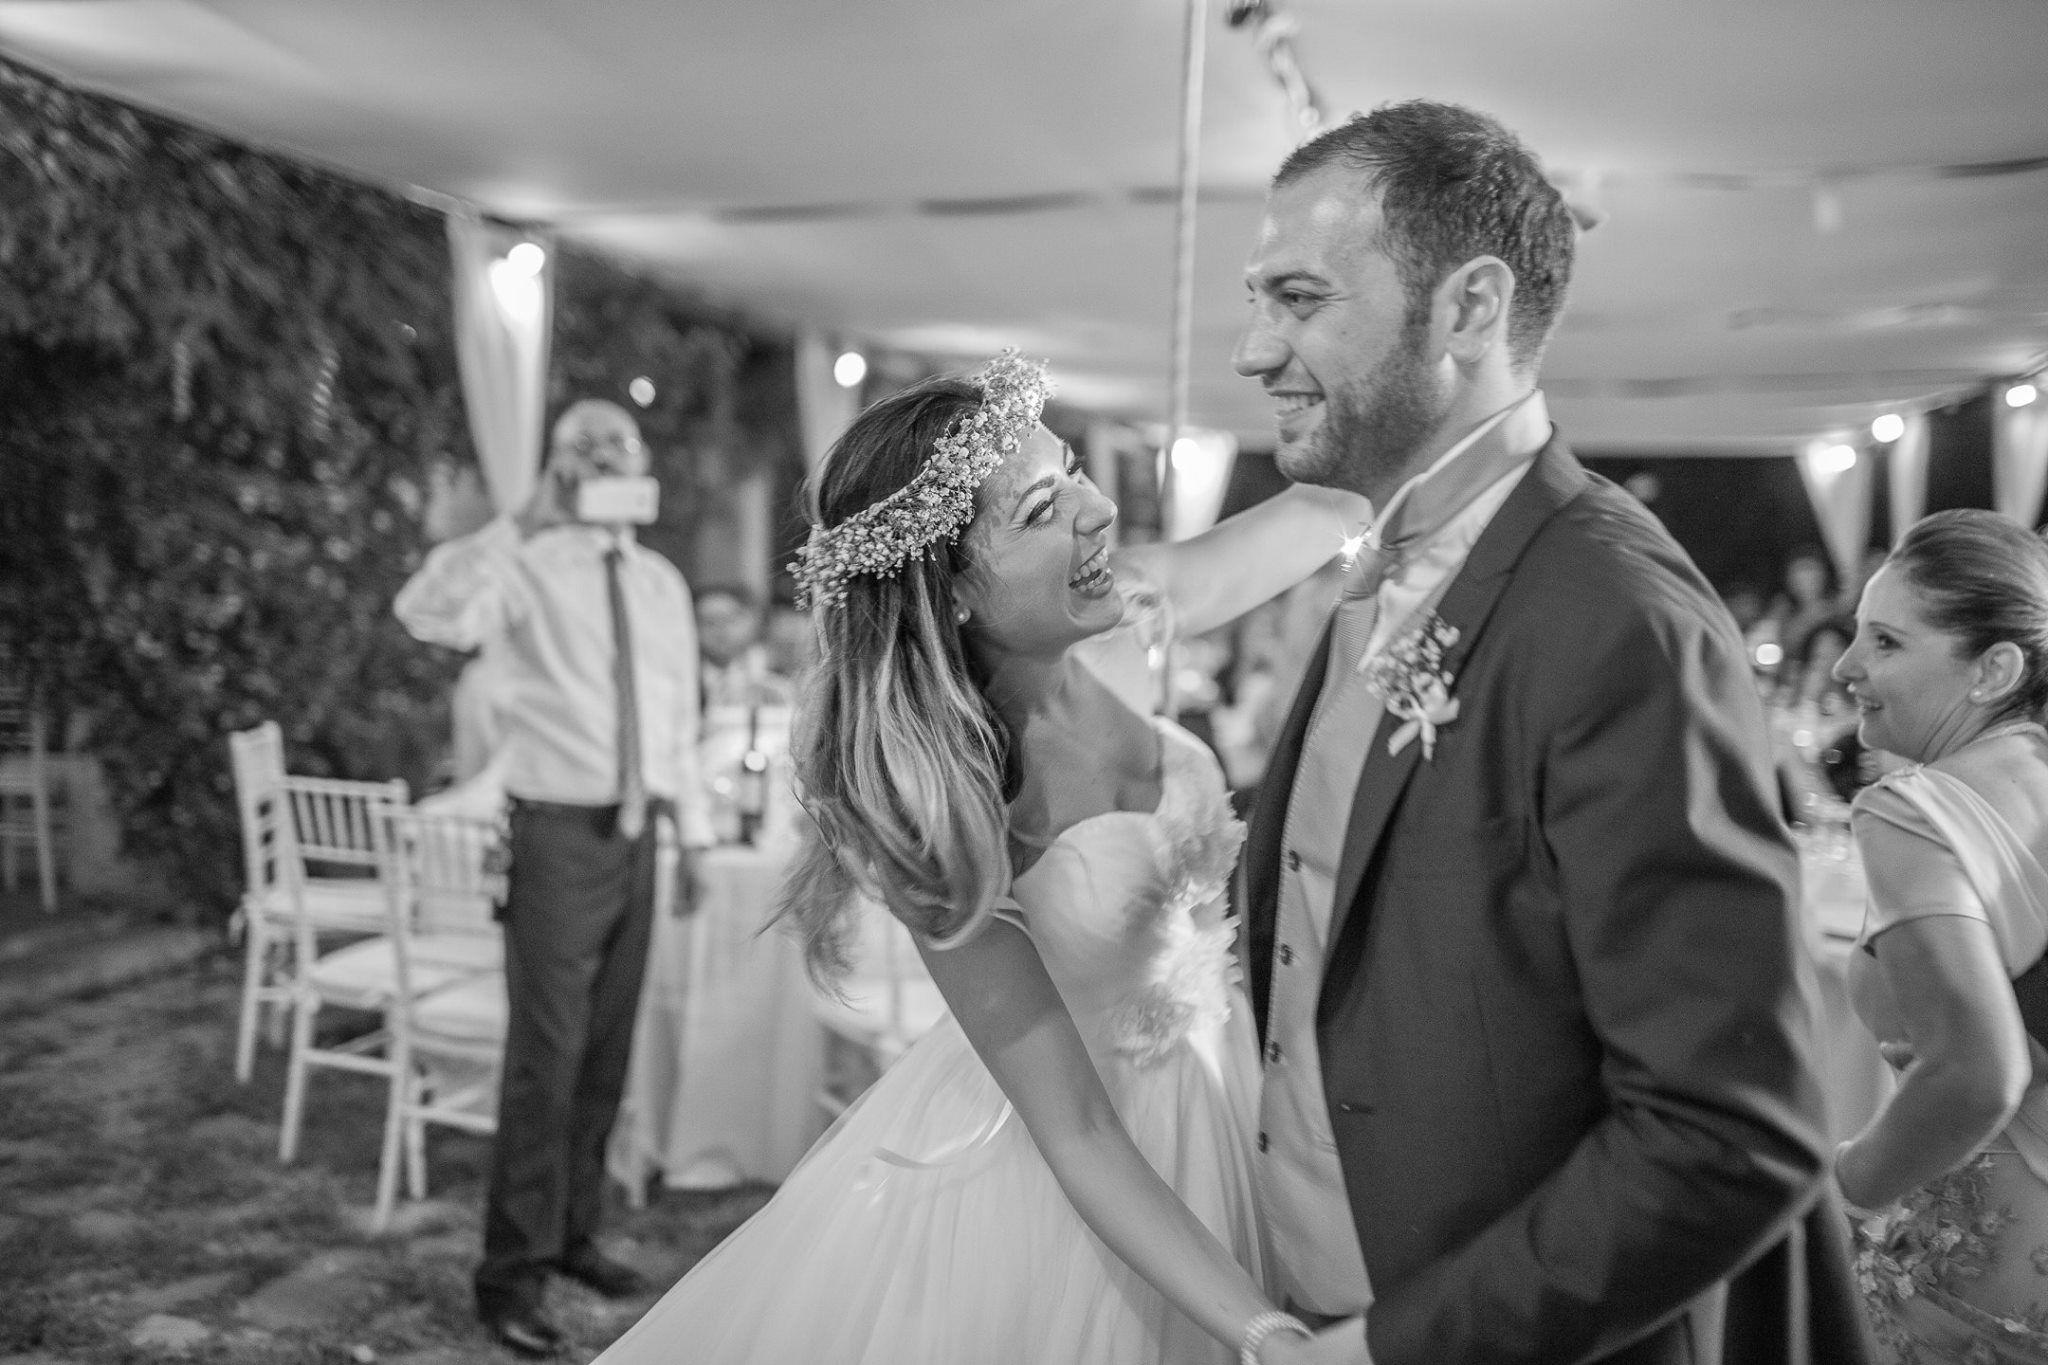 #wedding #rome #happy #couple #smile